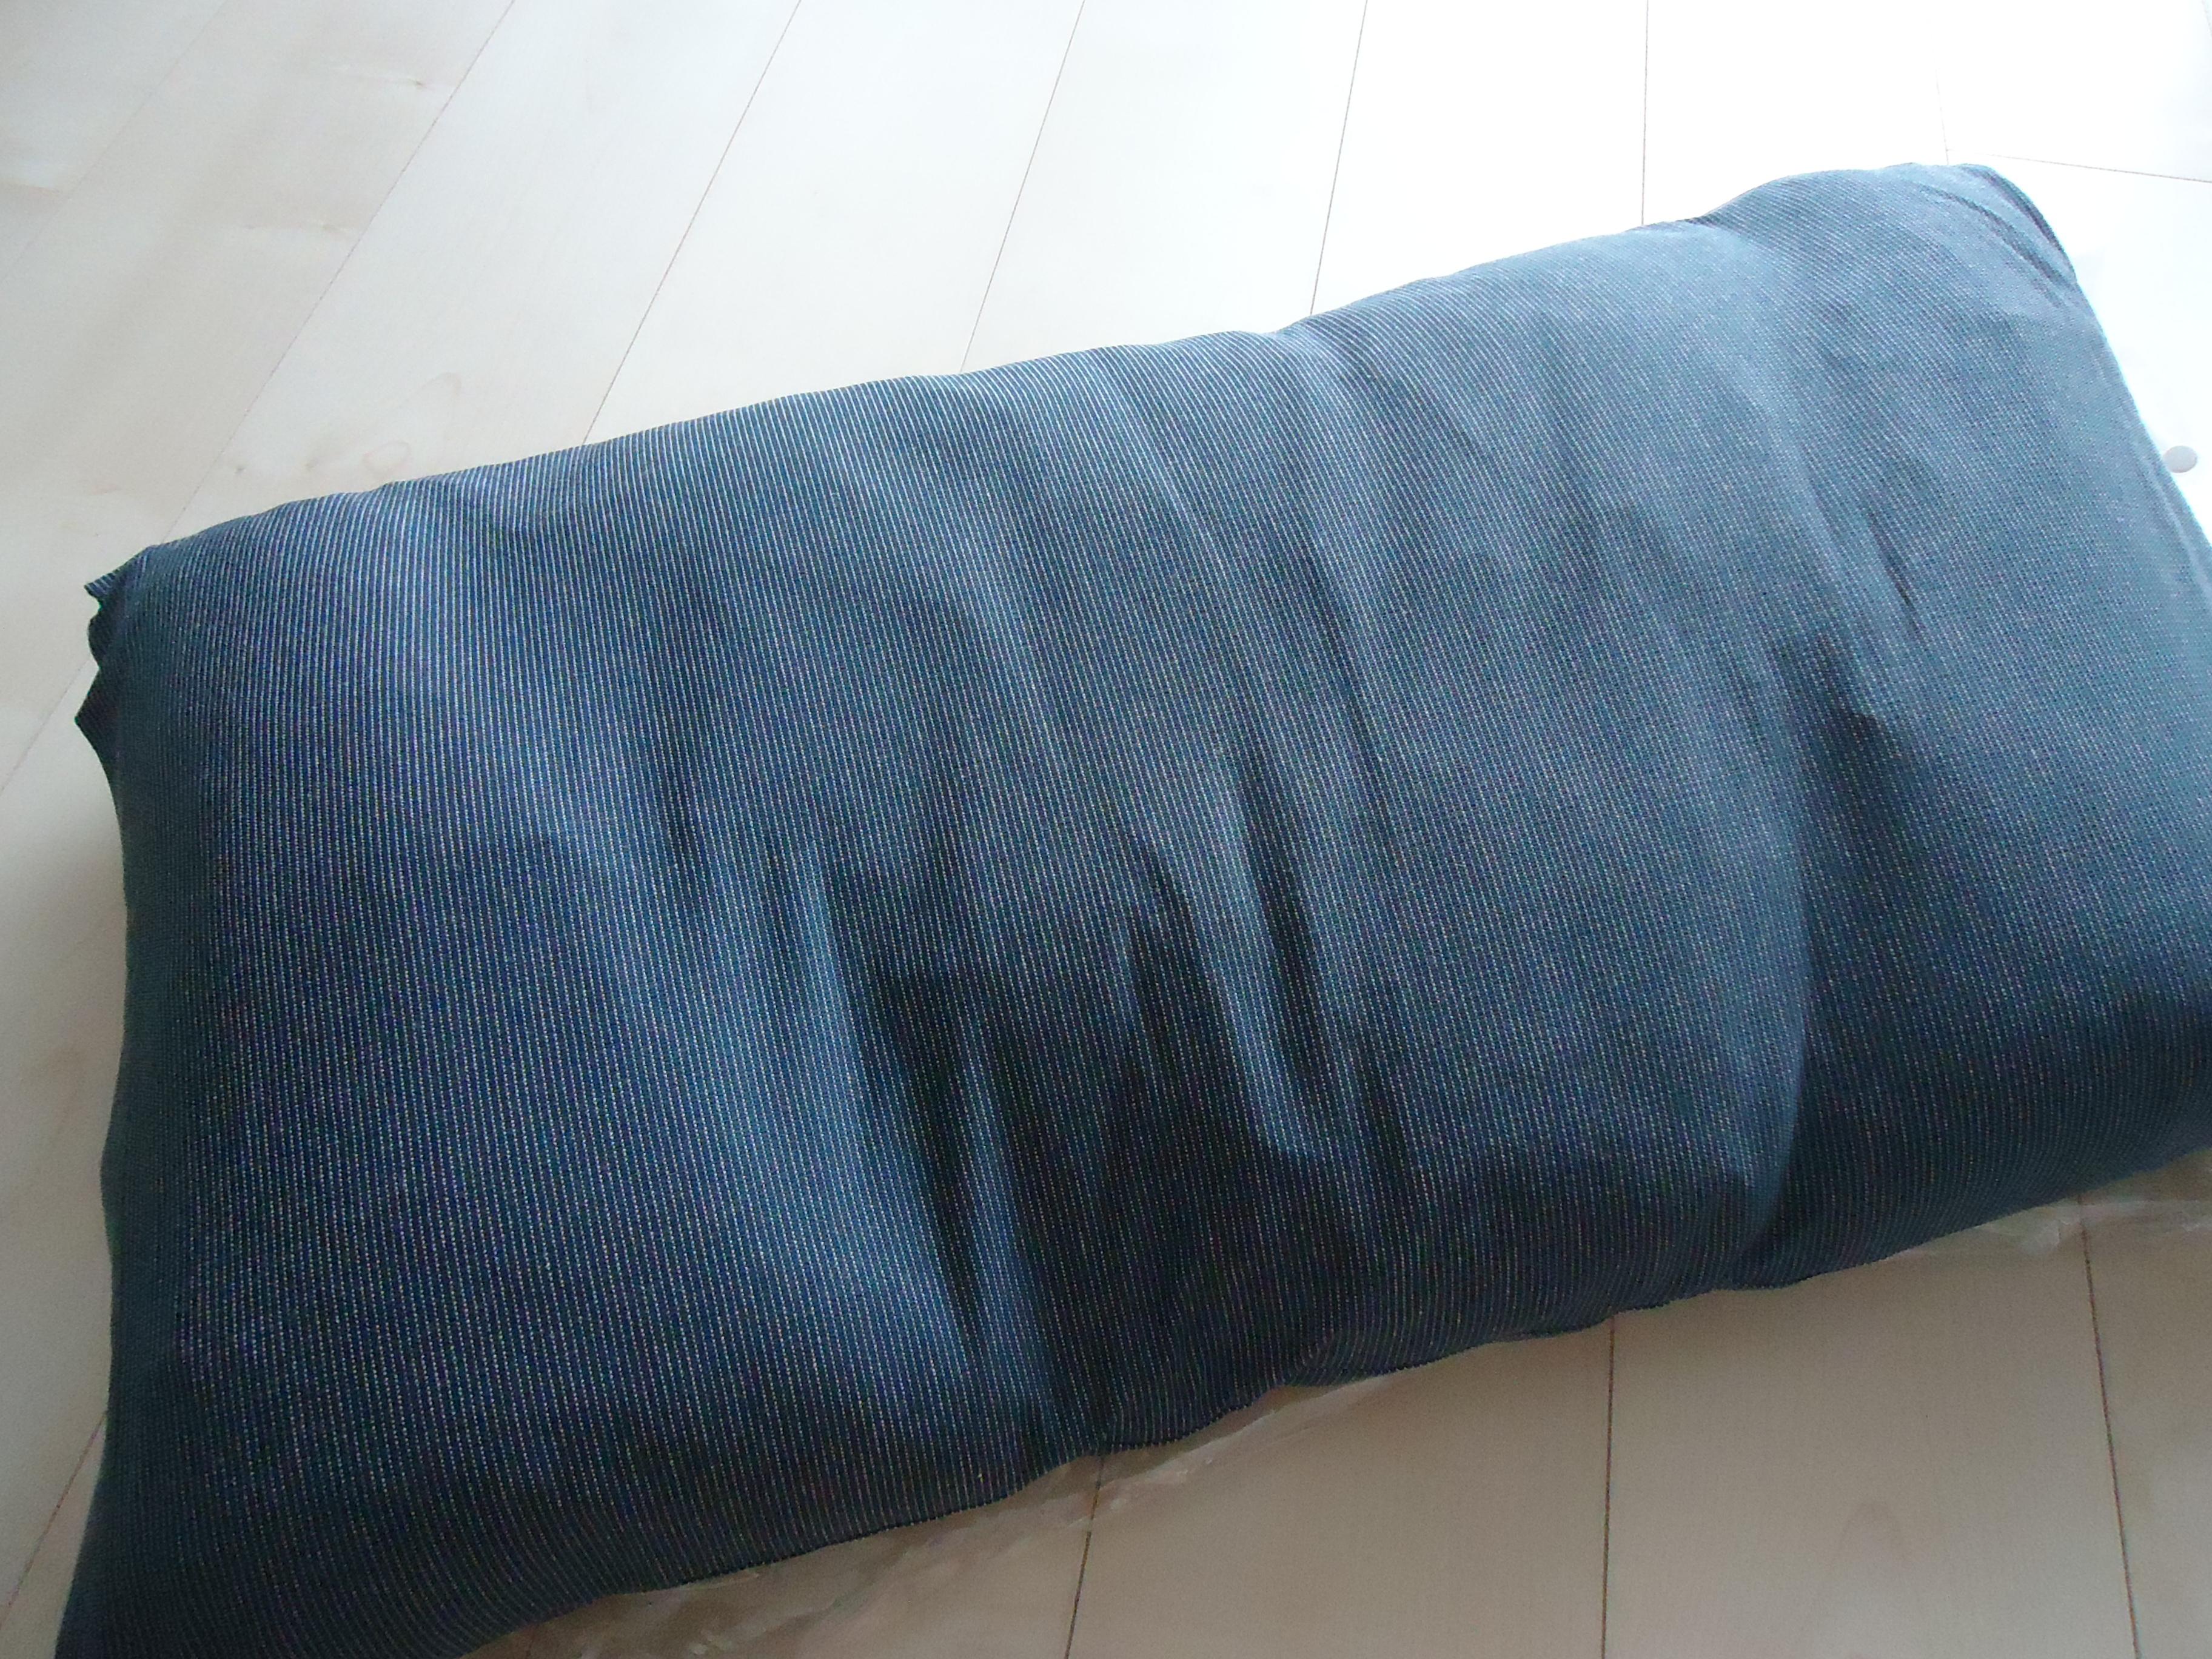 枕を変えて熟睡しよう!ロフテーの『リラクシングピロー』を使ってみる!